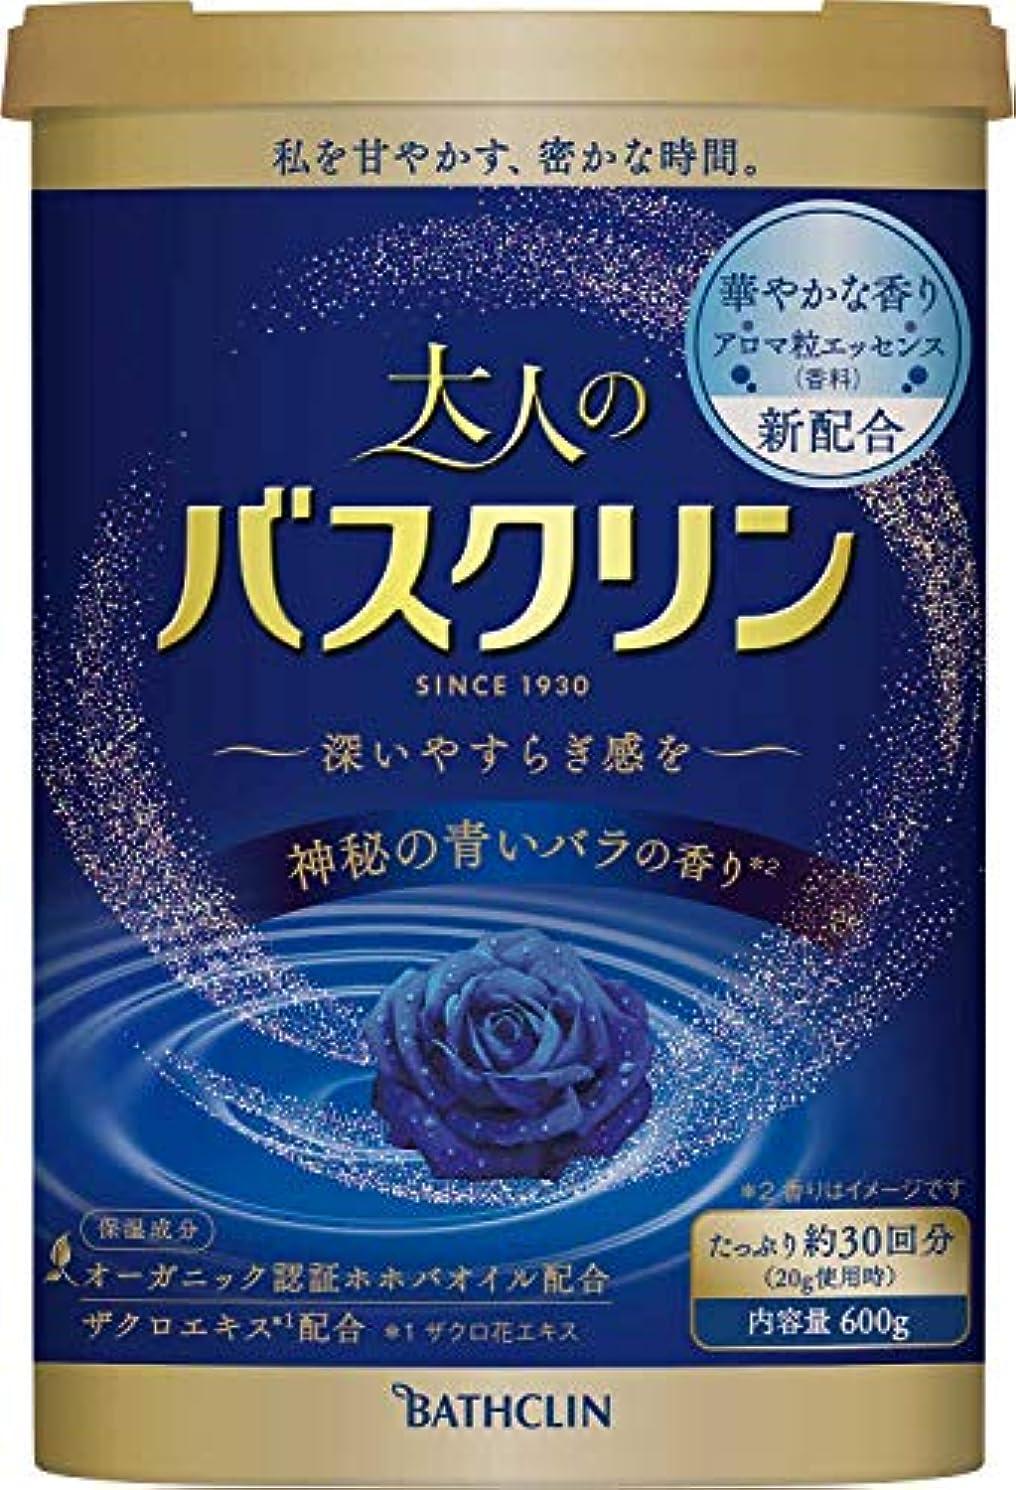 タイプライター騙す文庫本大人のバスクリン入浴剤 神秘の青いバラの香り600g(約30回分)